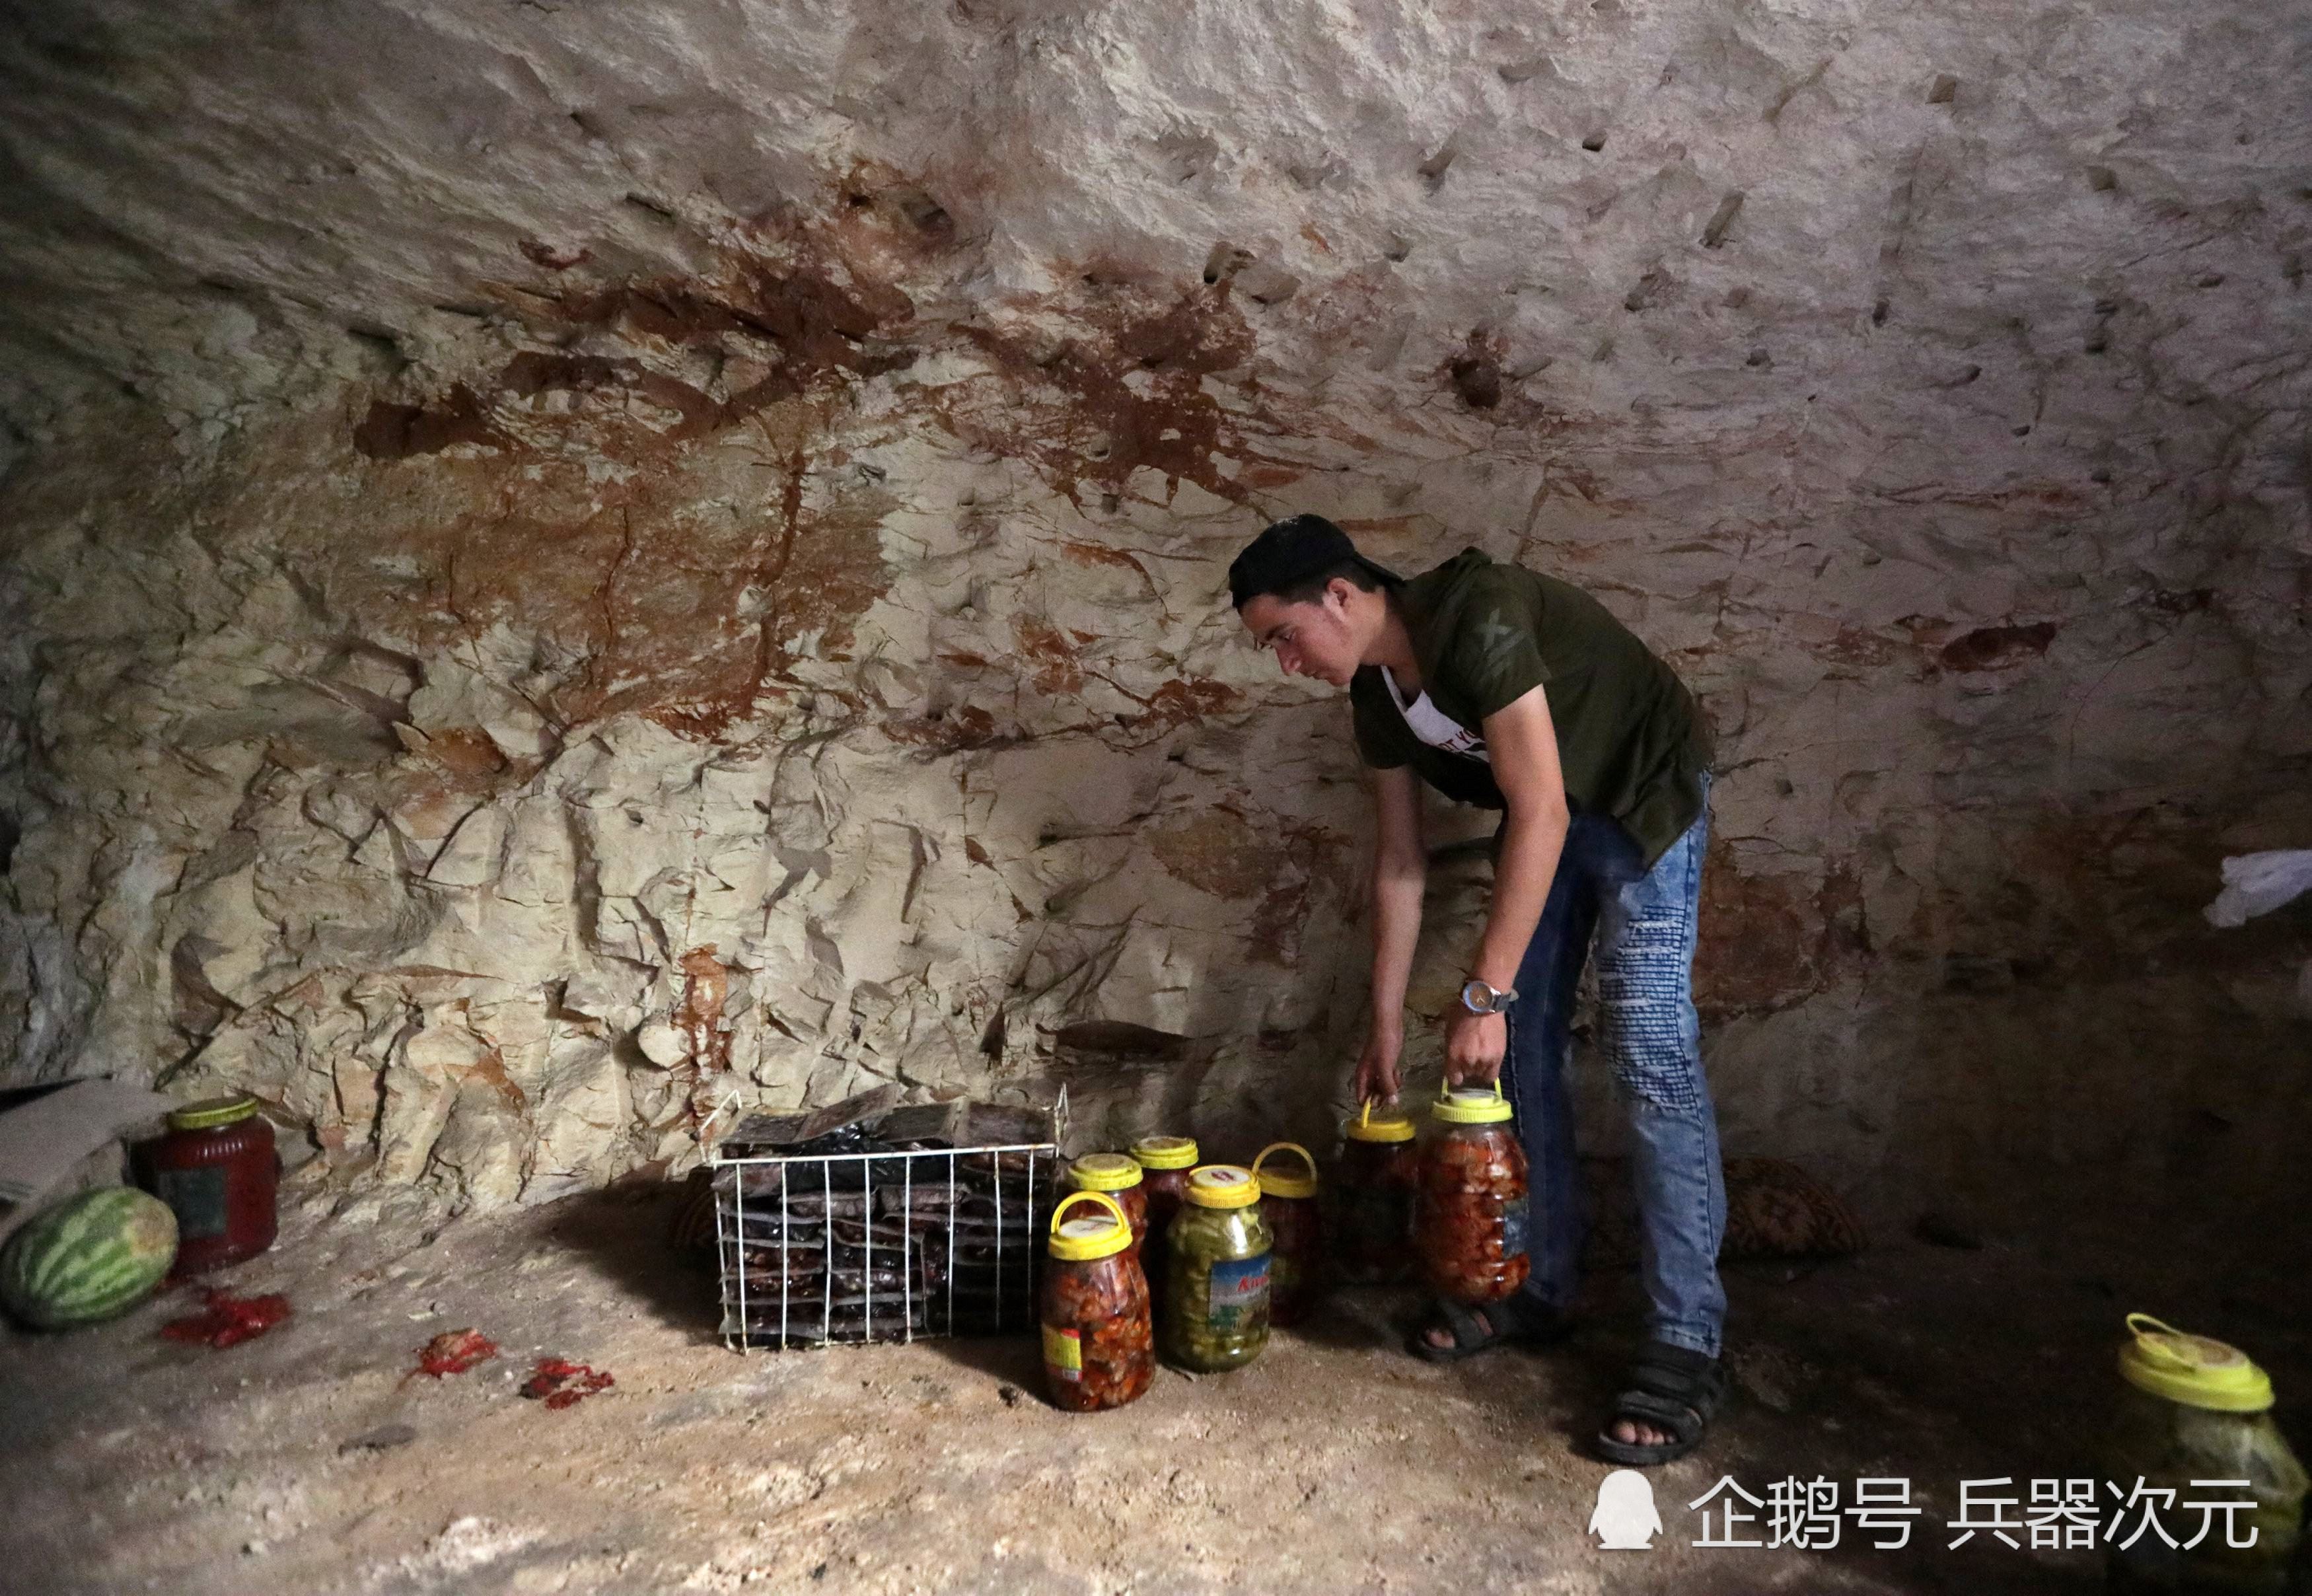 俄军攻占武装分子老巢,整座山被挖成基地,洞内发现大量美制武器